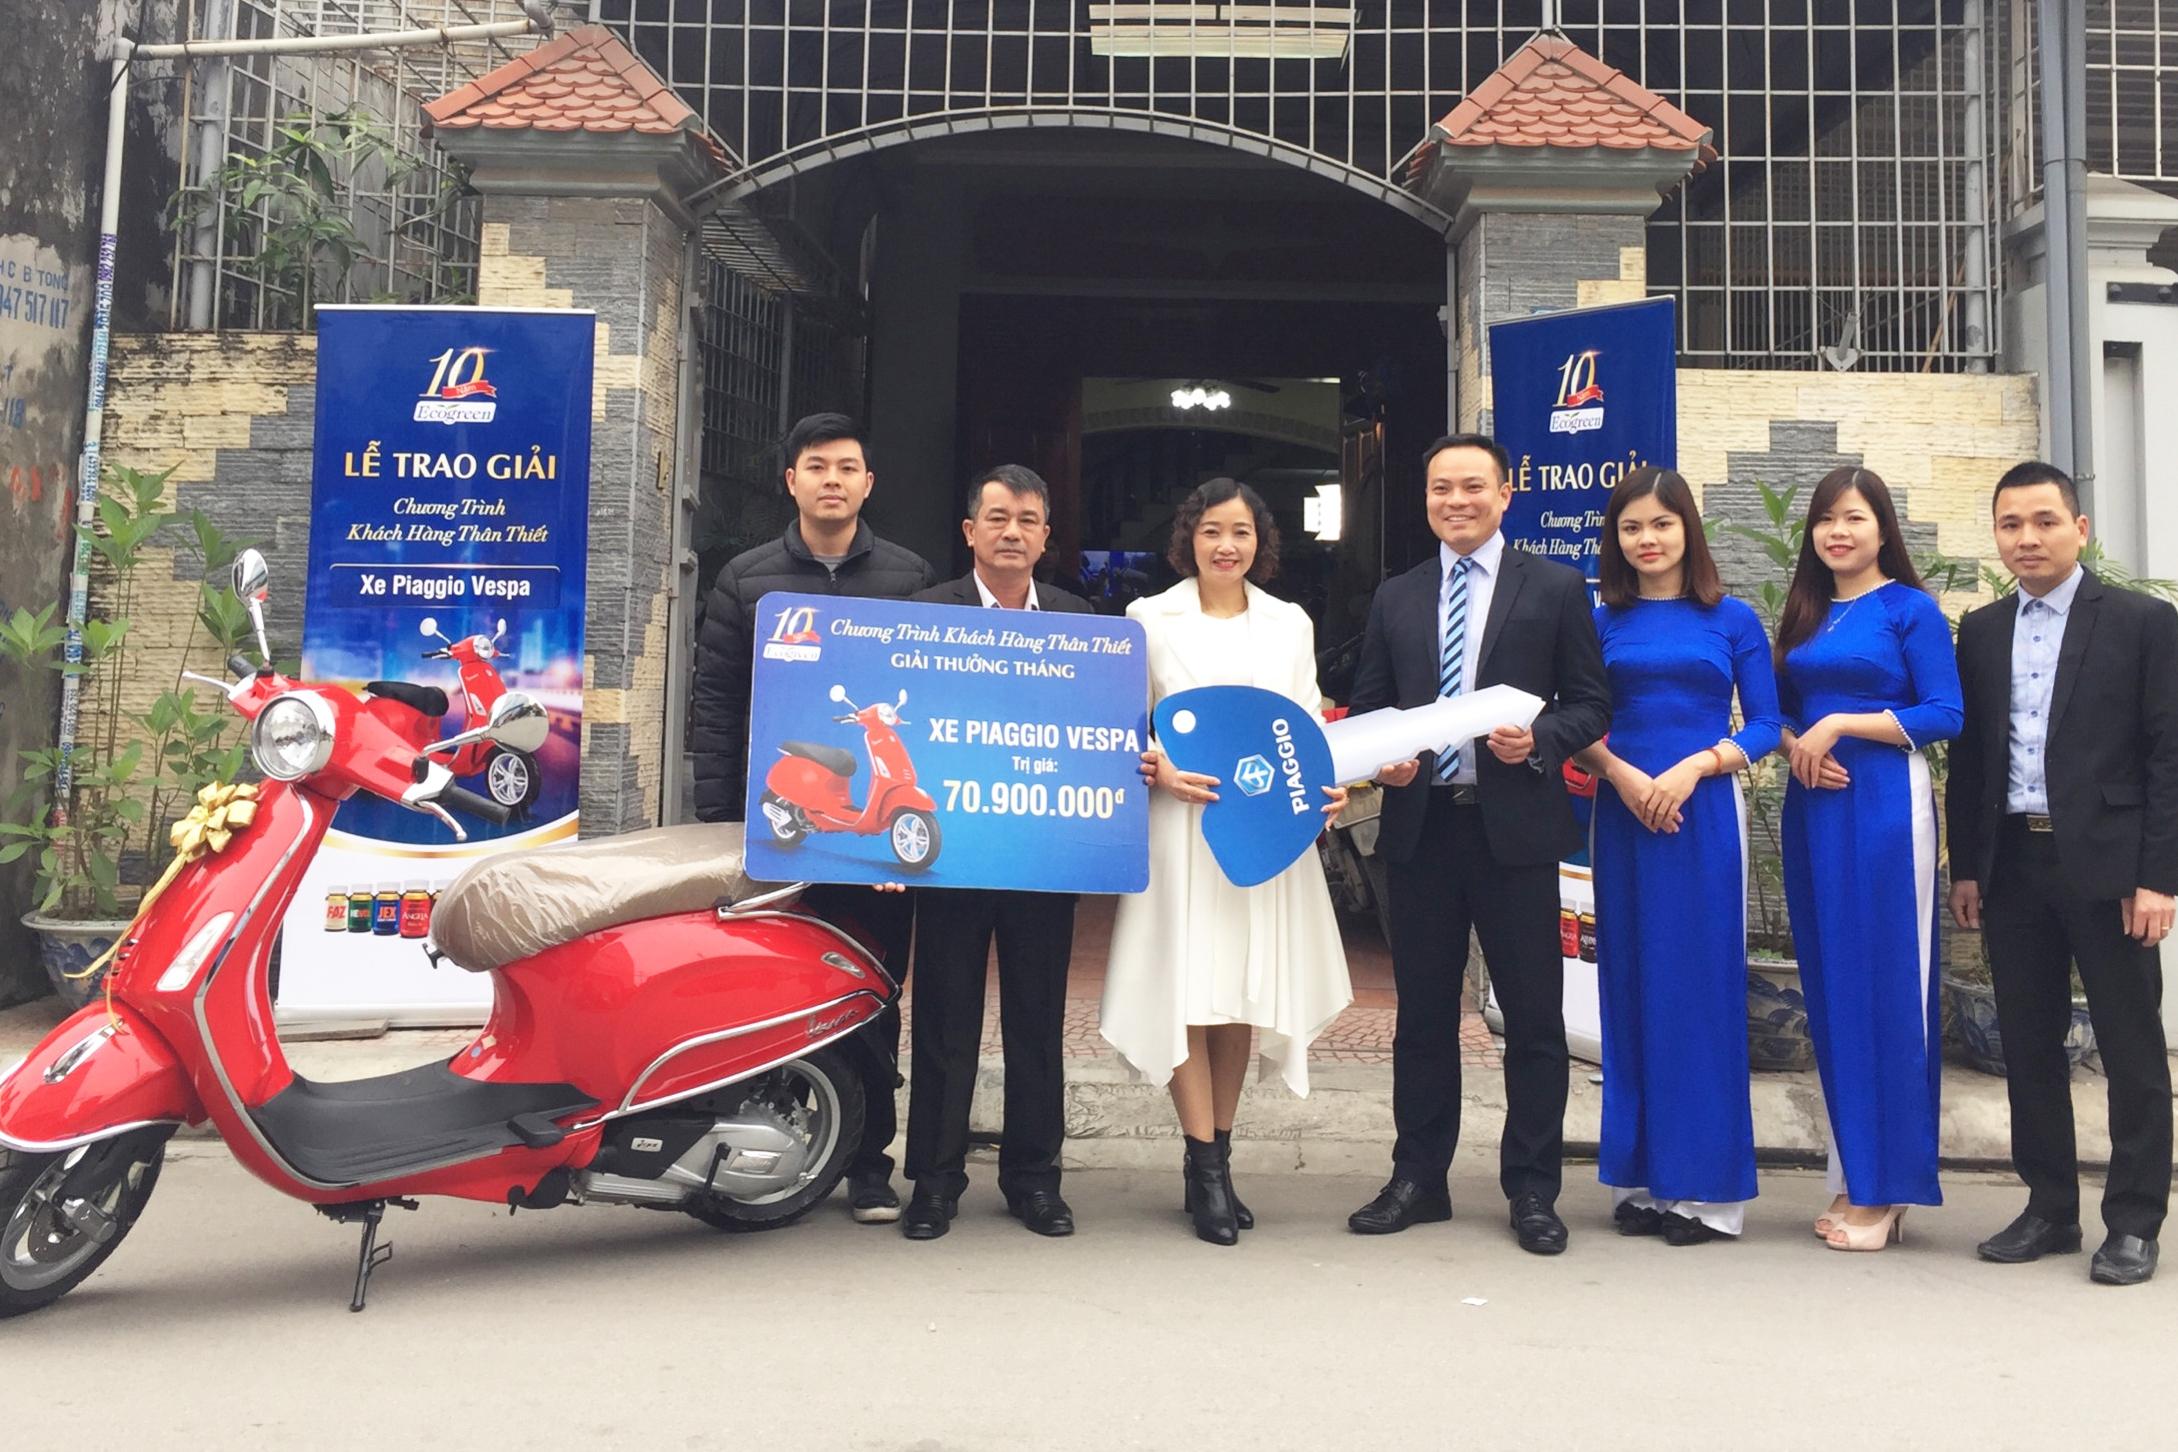 Với mã số từ sản phẩm Sâm Angela Gold, chị Hoan (TP. Hải Phòng) đã trở thành chủ nhân xe Vespa tháng 12 trong chương trình Khách Hàng Thân Thiết Ecogreen